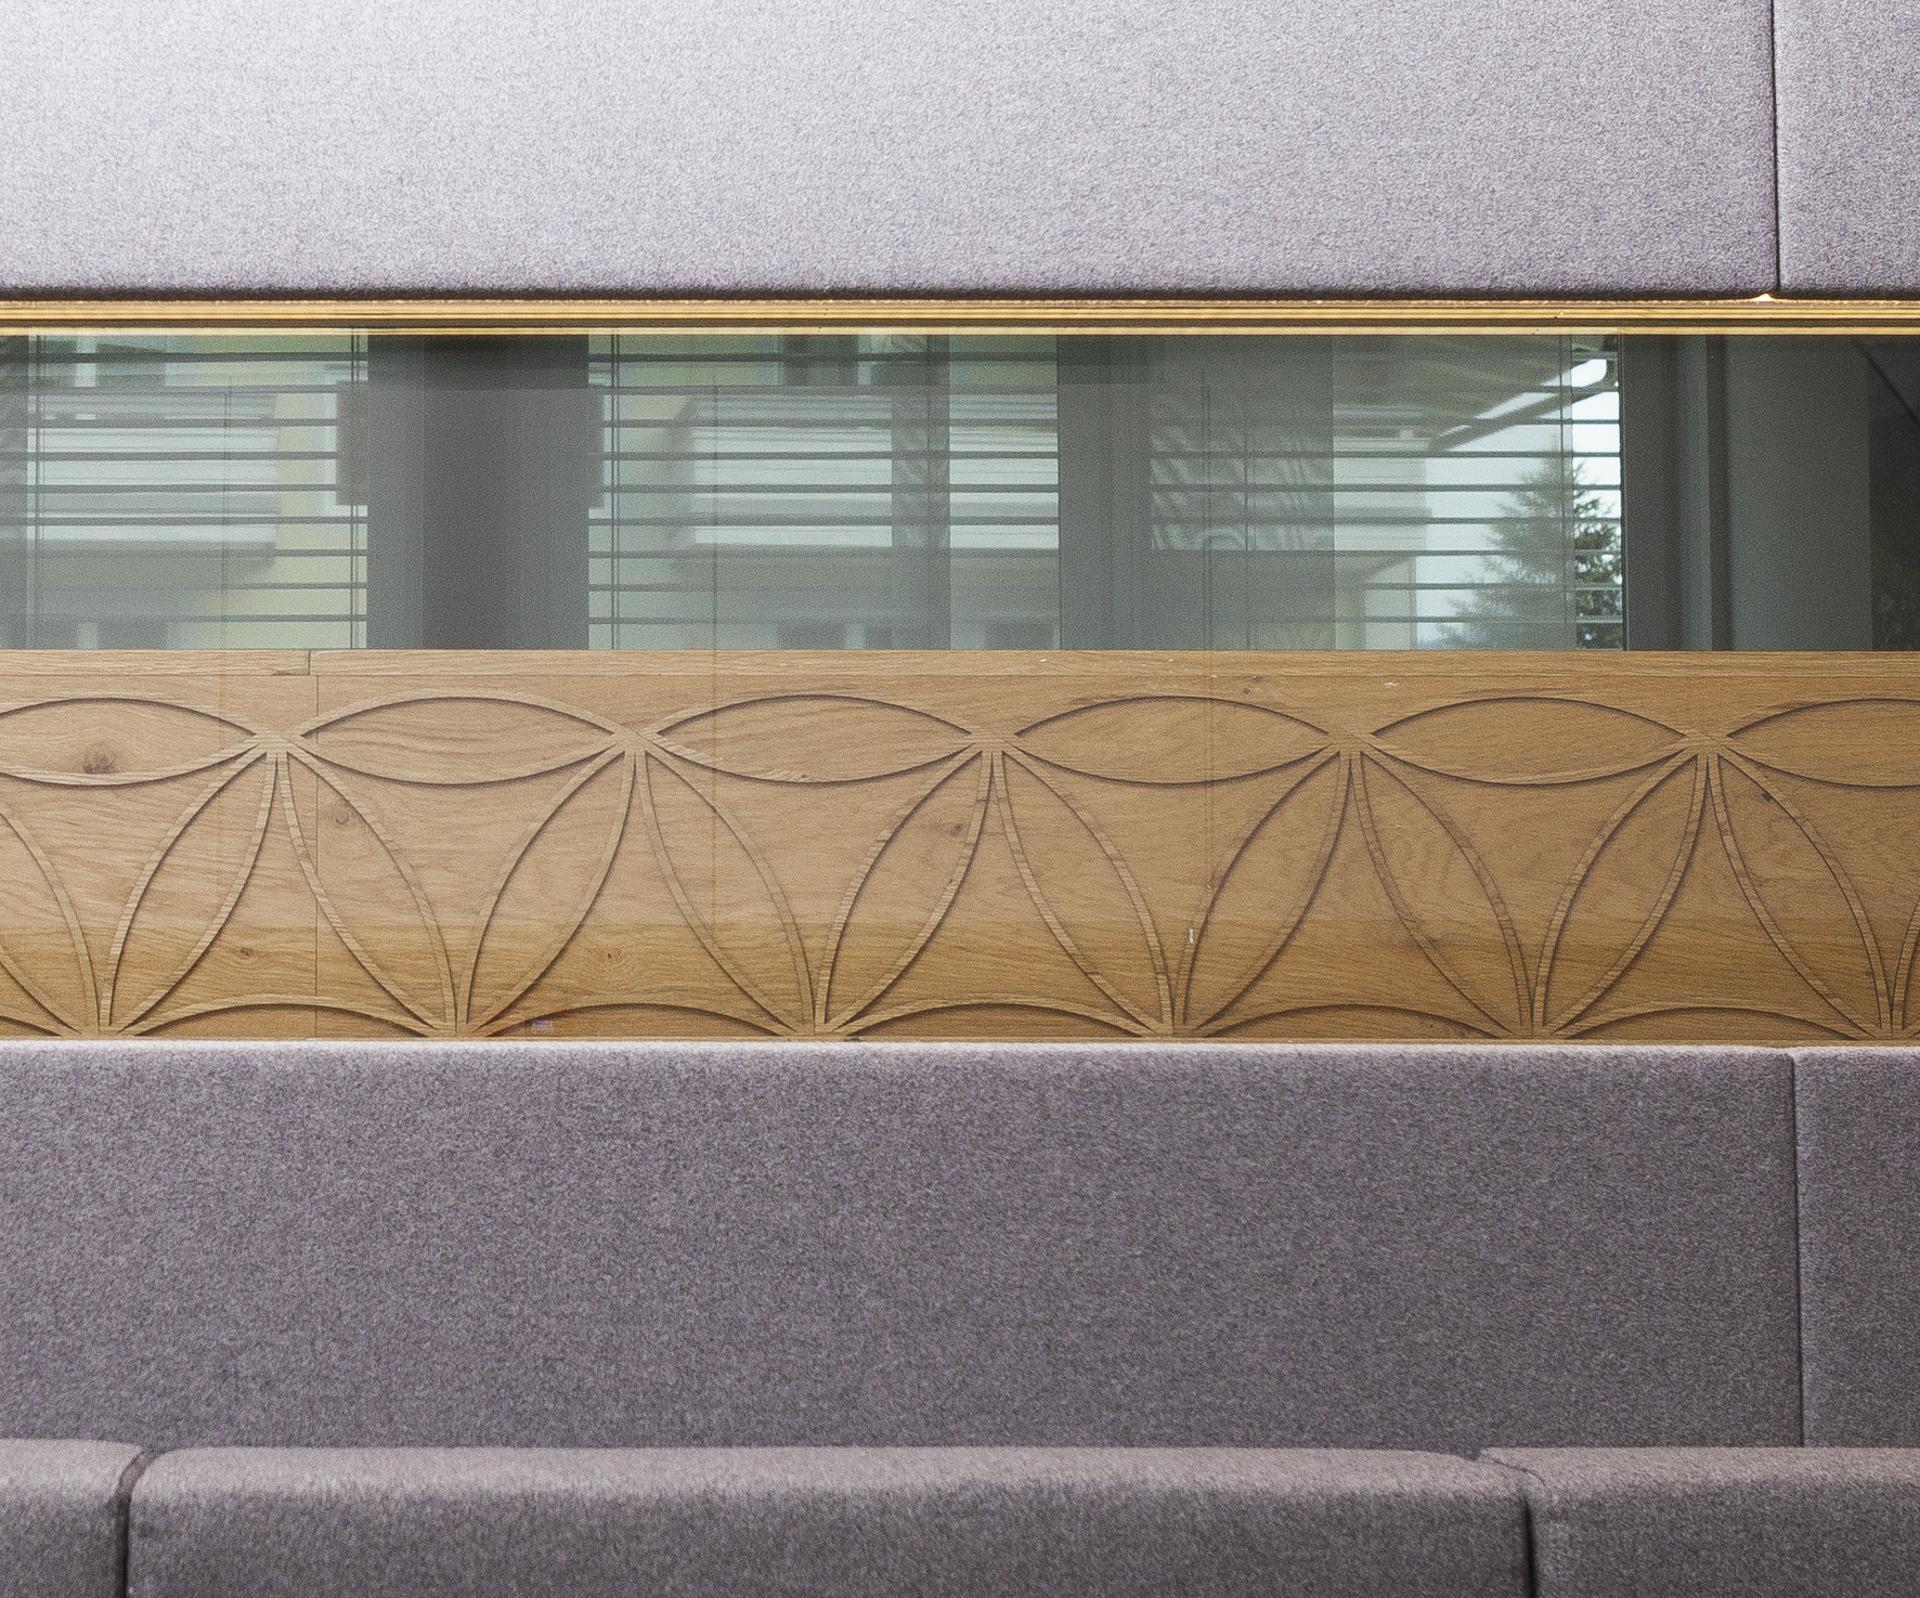 tischlerei-decker-notar-strasser-blumes-des-lebens-naturmaterialien-detail